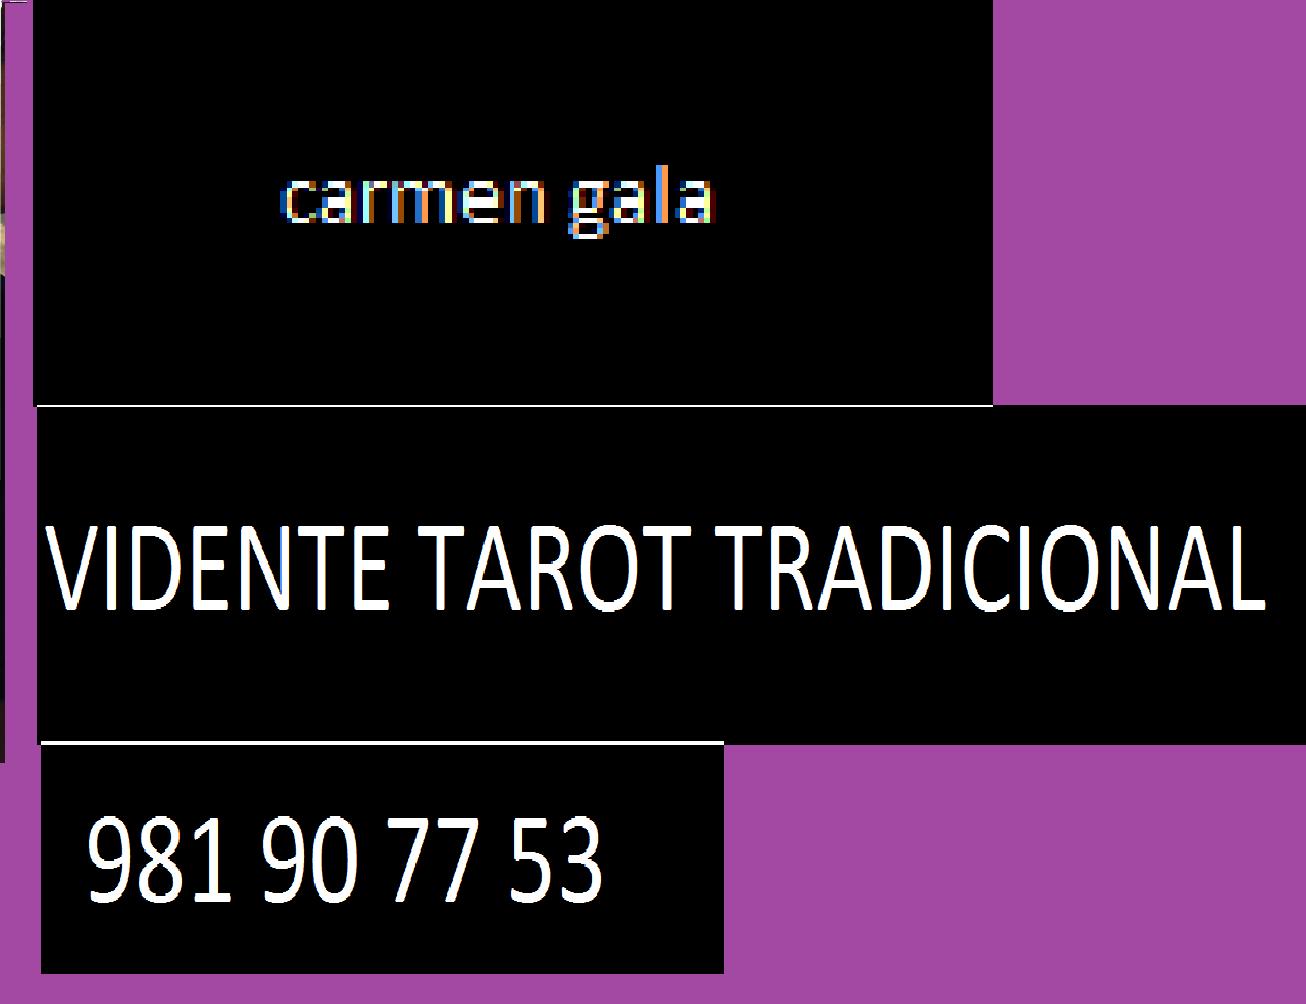 el tarot tradicional de carmen gala - Madrid